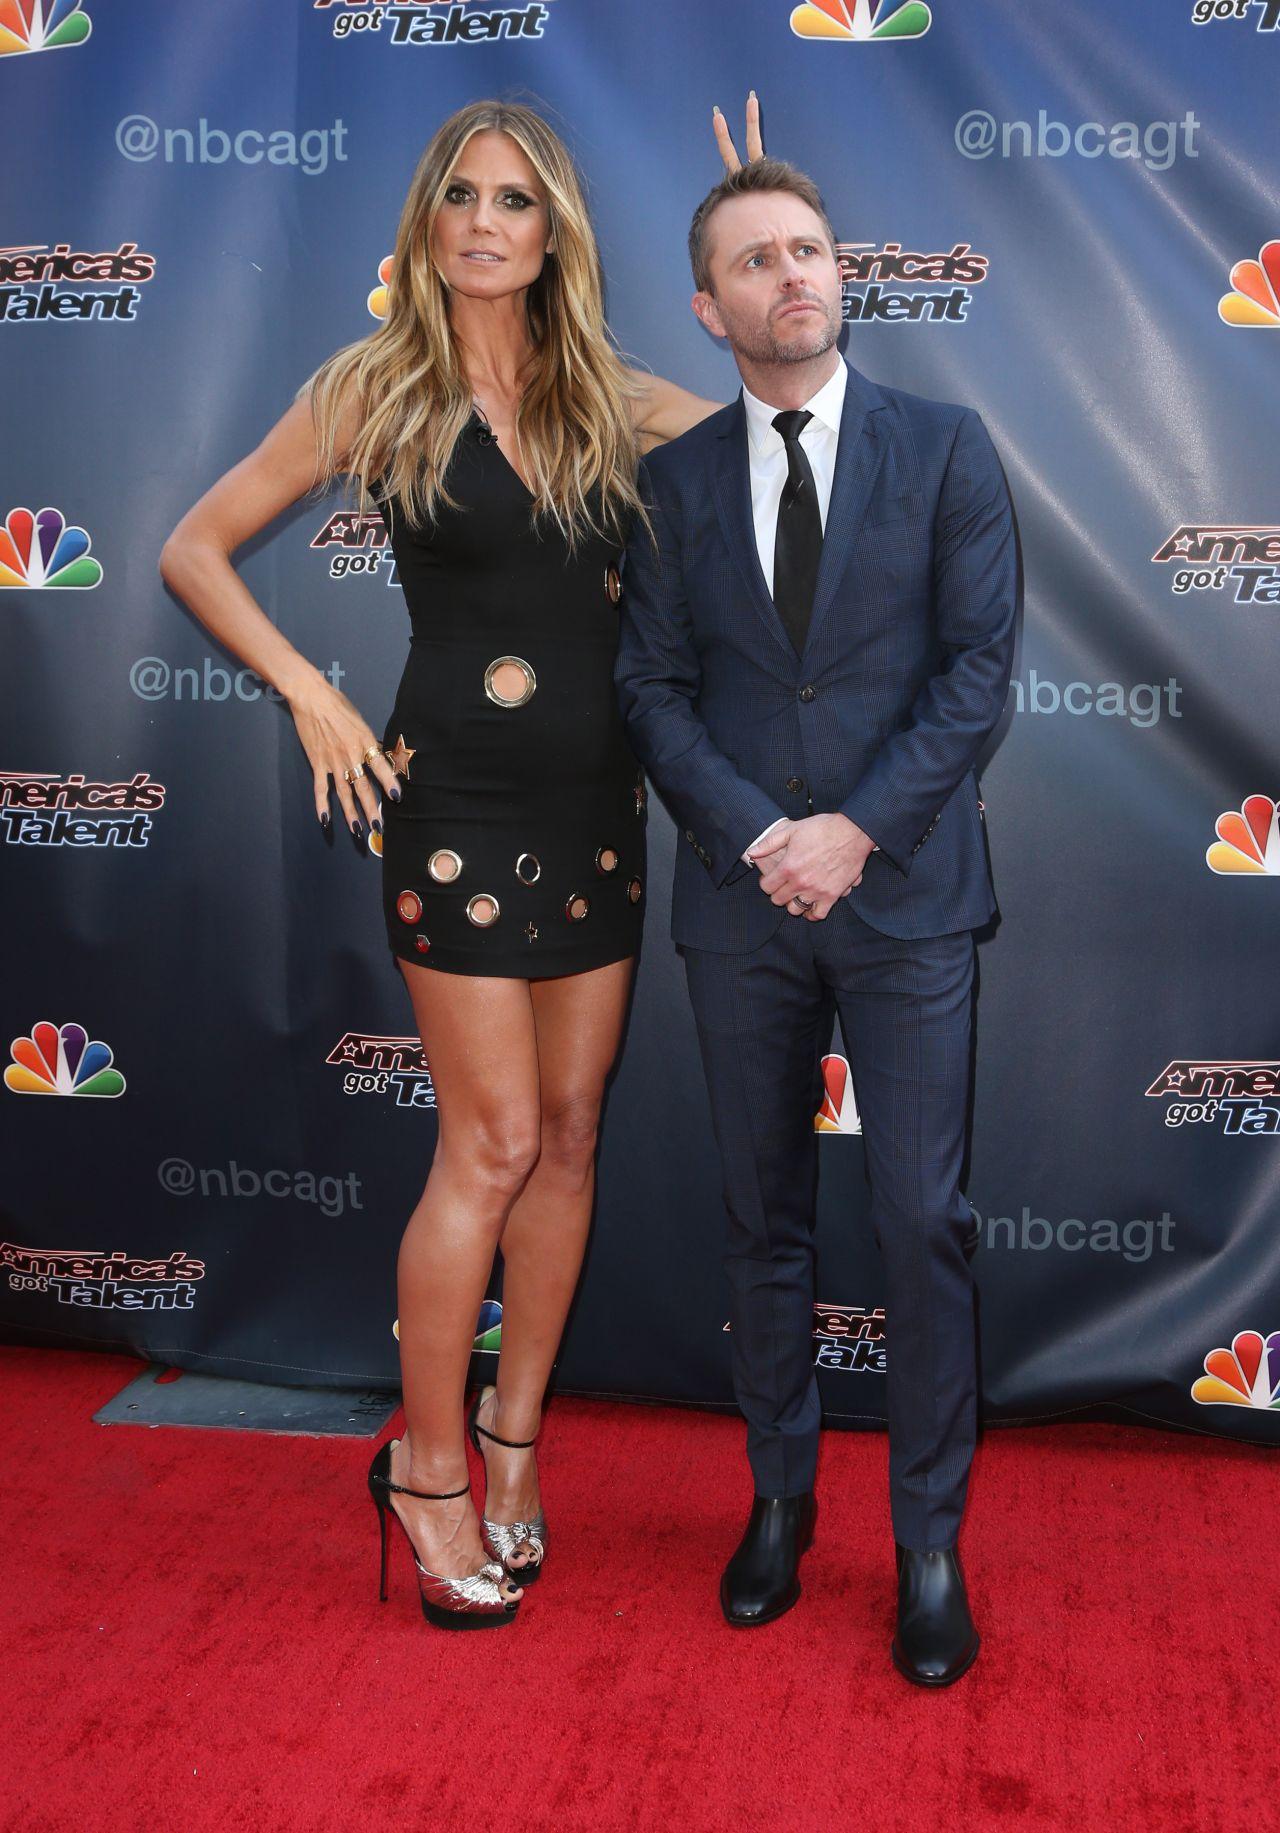 Americas got talent 2017 2 - Heidi Klum America S Got Talent Universal Studio Lot 07 04 2017